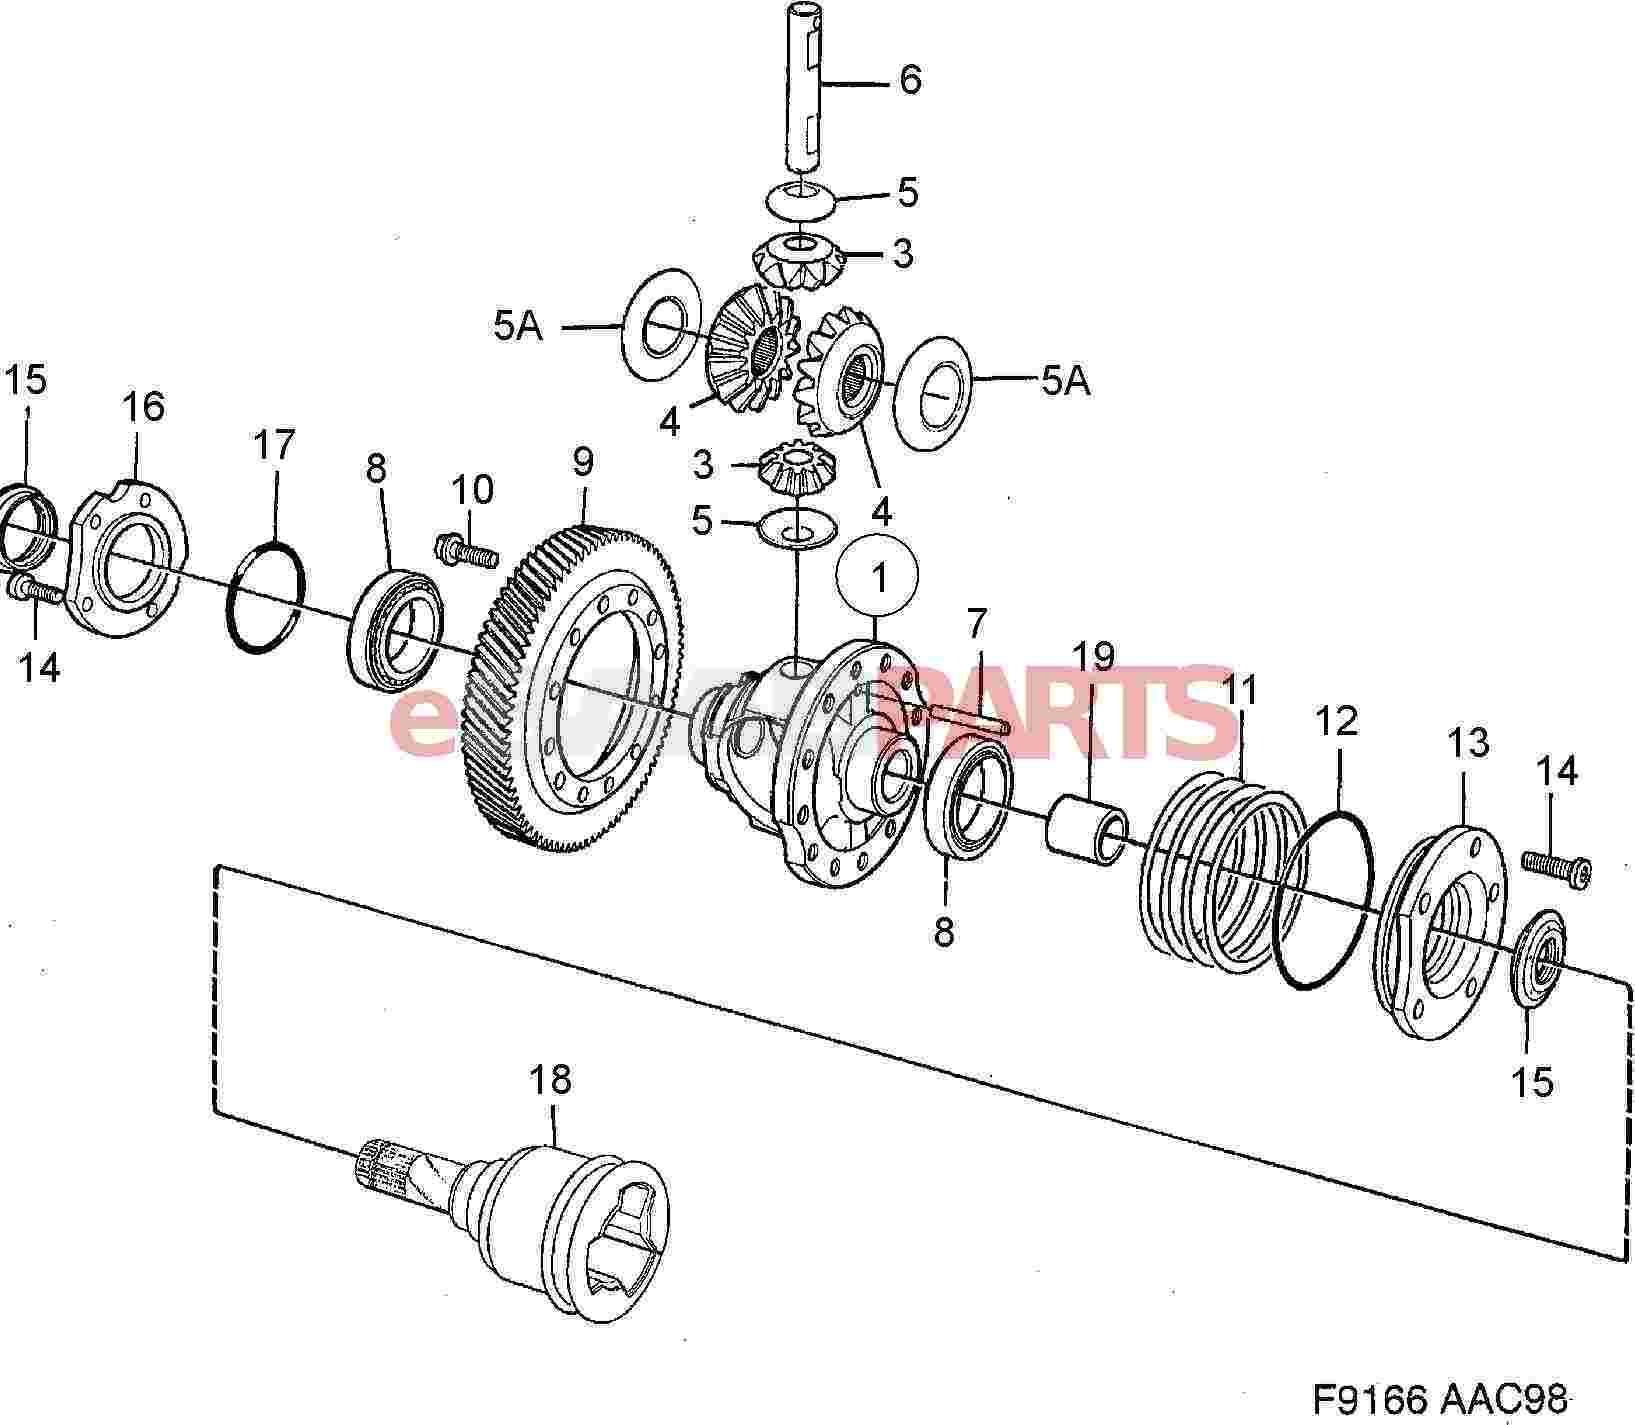 Hondaminimotorearbrakedrumbrakeelectricbikeminimotoracer